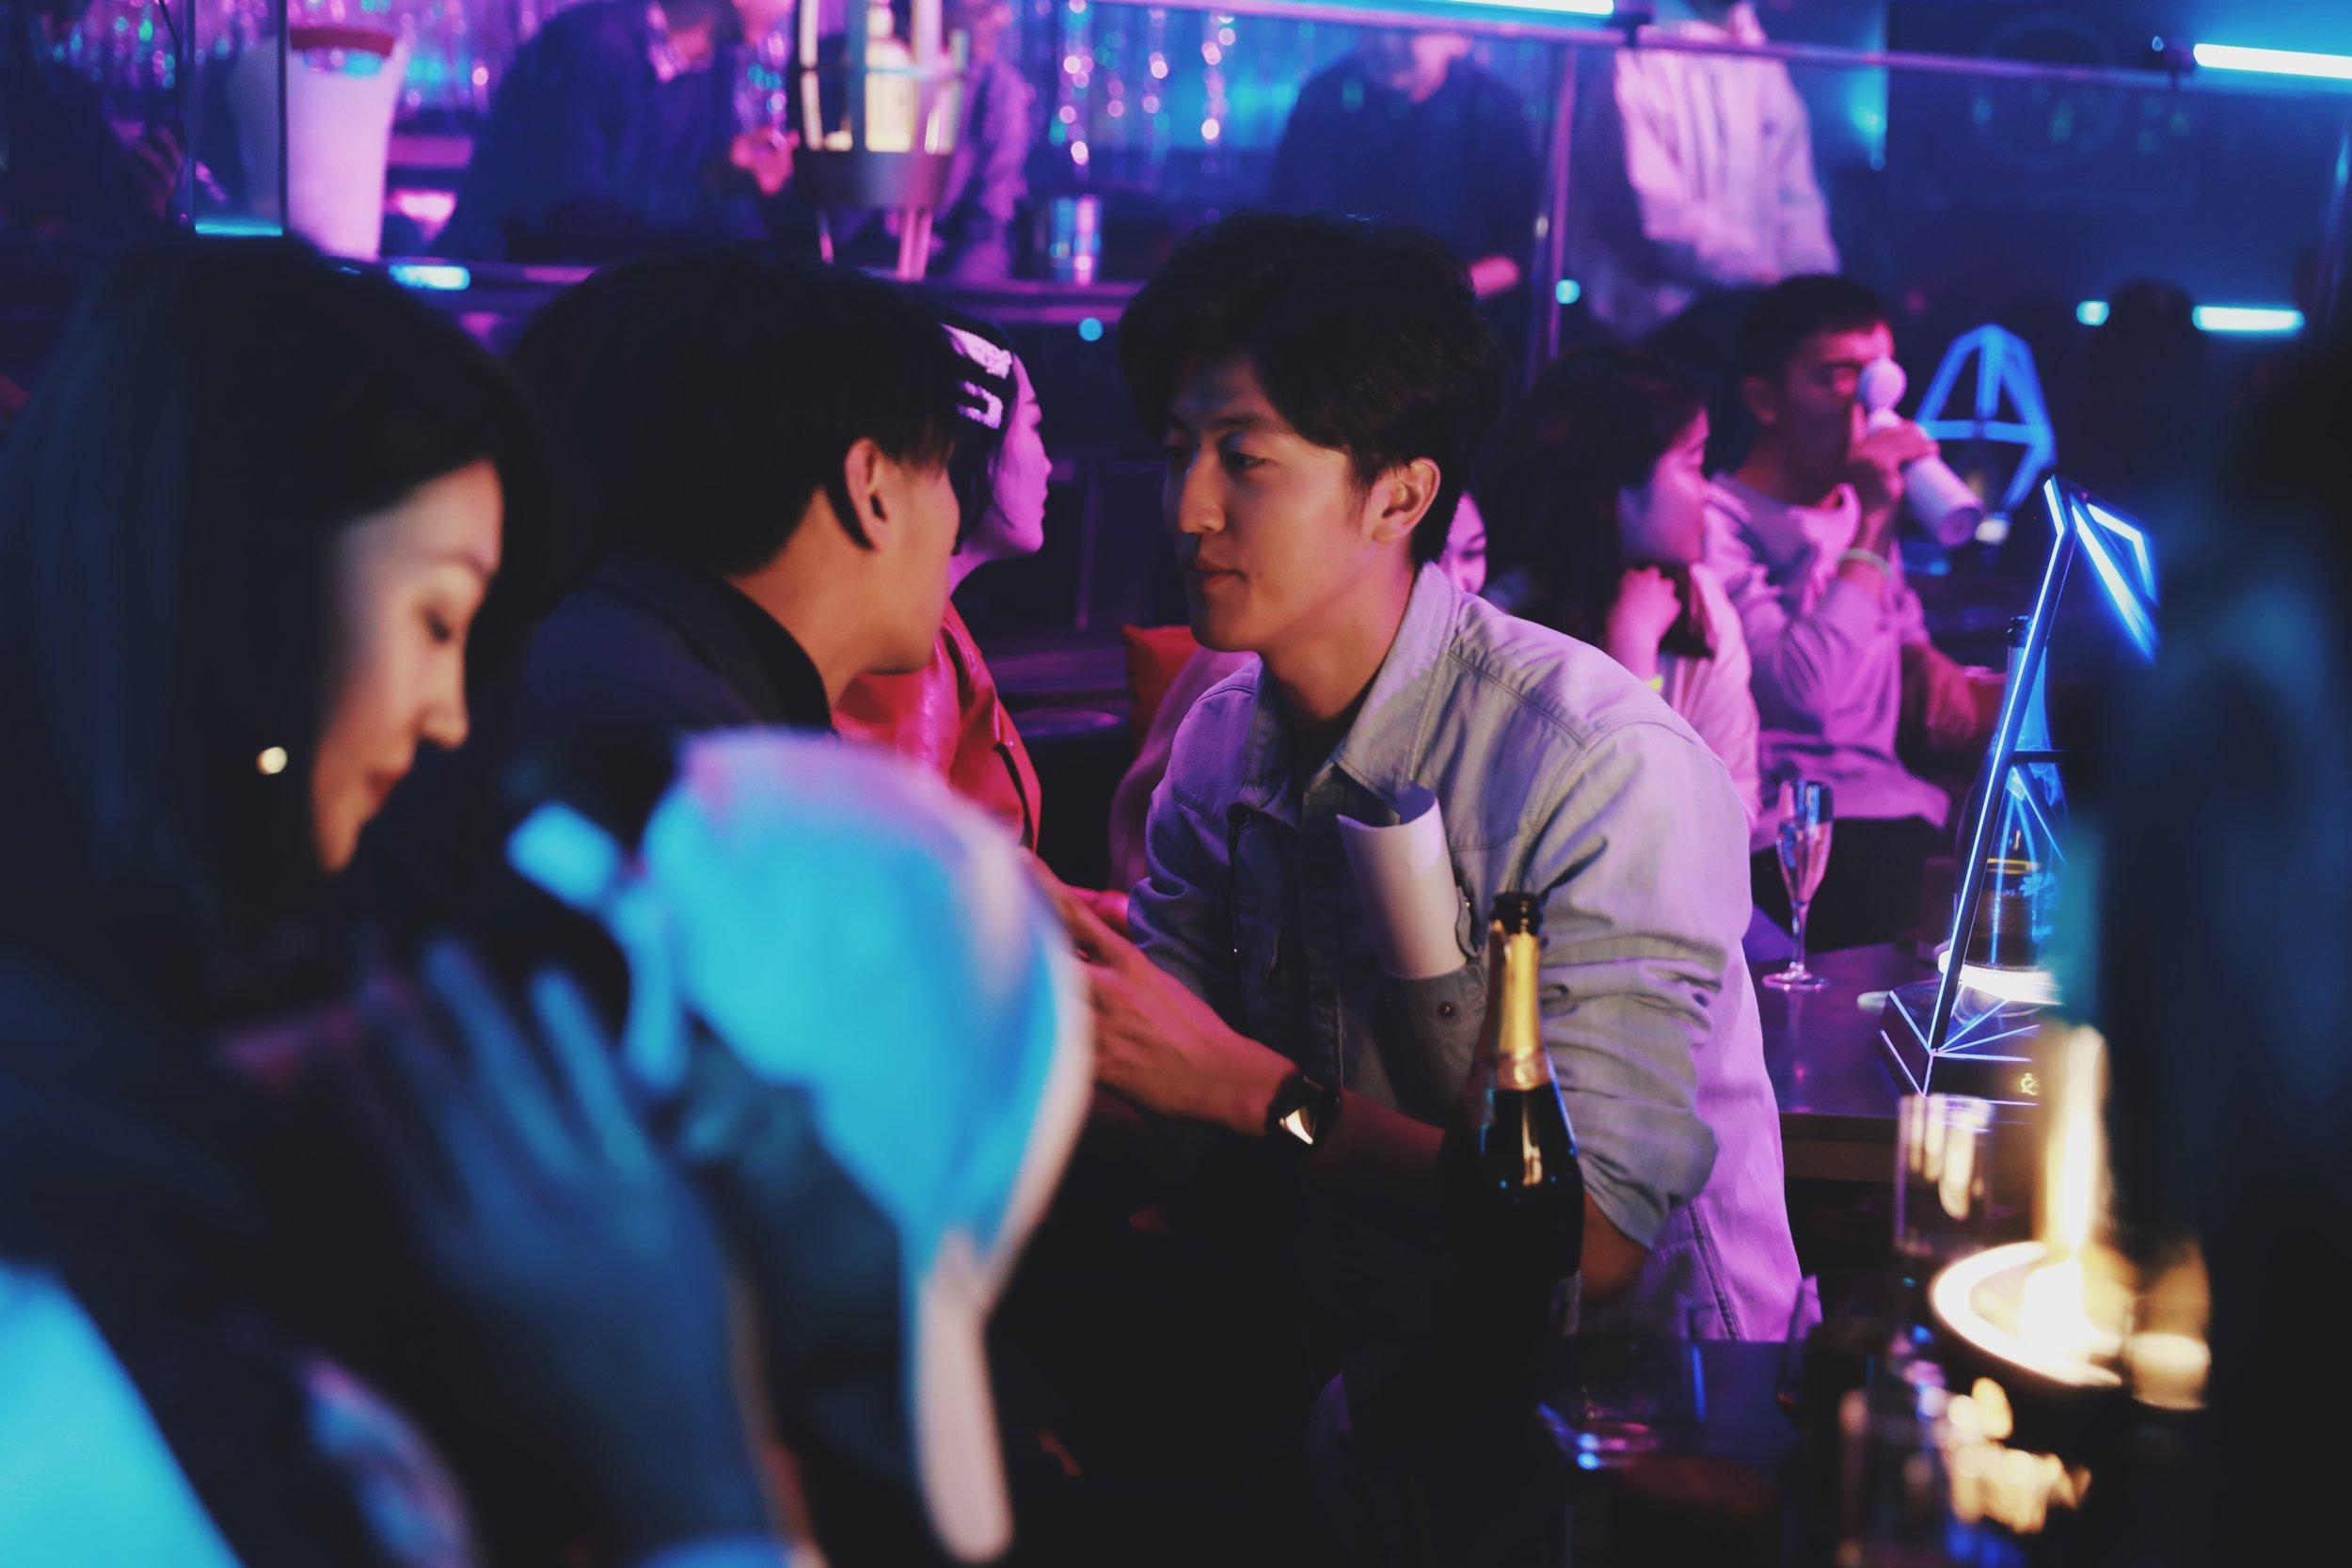 Yulin Yang Directing on set in China